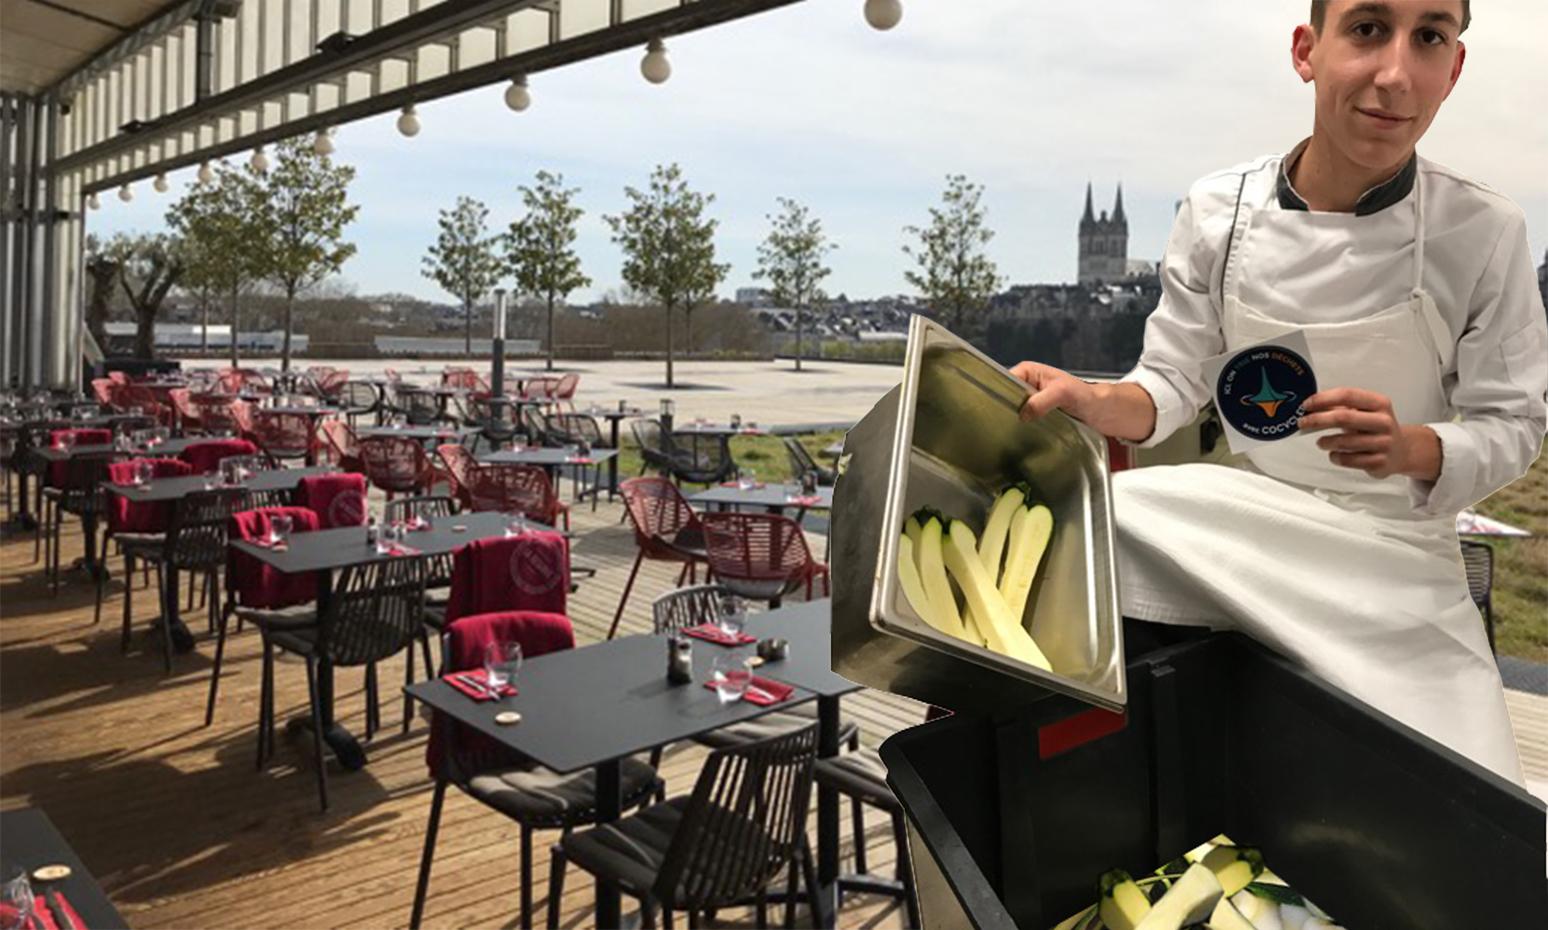 La Réserve - Envie de partager une cuisine bistrot et créative sur le plus beau Rooftop d'Angers ? La Réserve vous offre une cuisine raffinée, inventive,gourmande et de saison ! A la carte ou à l'ardoise, les cuisiniers savent sublimer les fruits et légumes pour les marier aux poissons et viandes de qualité. Situé au 5ème étage du théâtre Le Quai, le panorama sur la Maine et le château est parfait pour un verre ou un repas convivial !RDV au Boulevard Henri Arnaud à Angers - 5ème étage du Théatre Le Quai